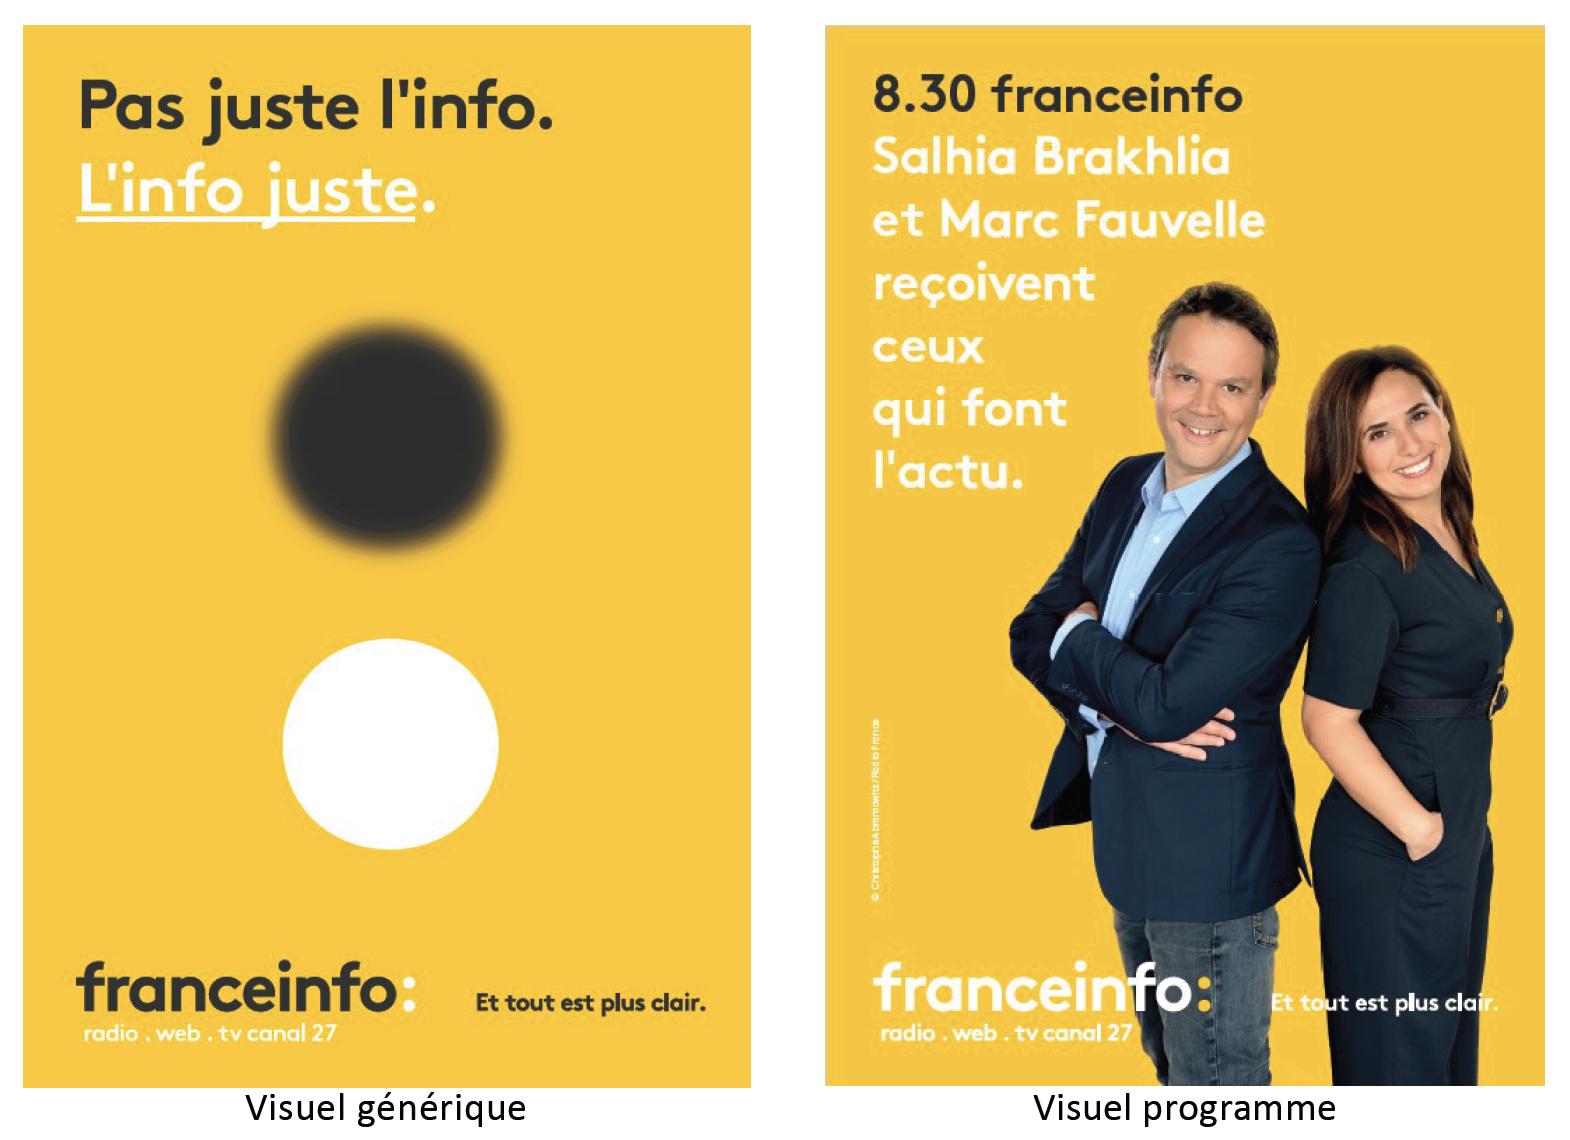 franceinfo engage une nouvelle campagne publicitaire